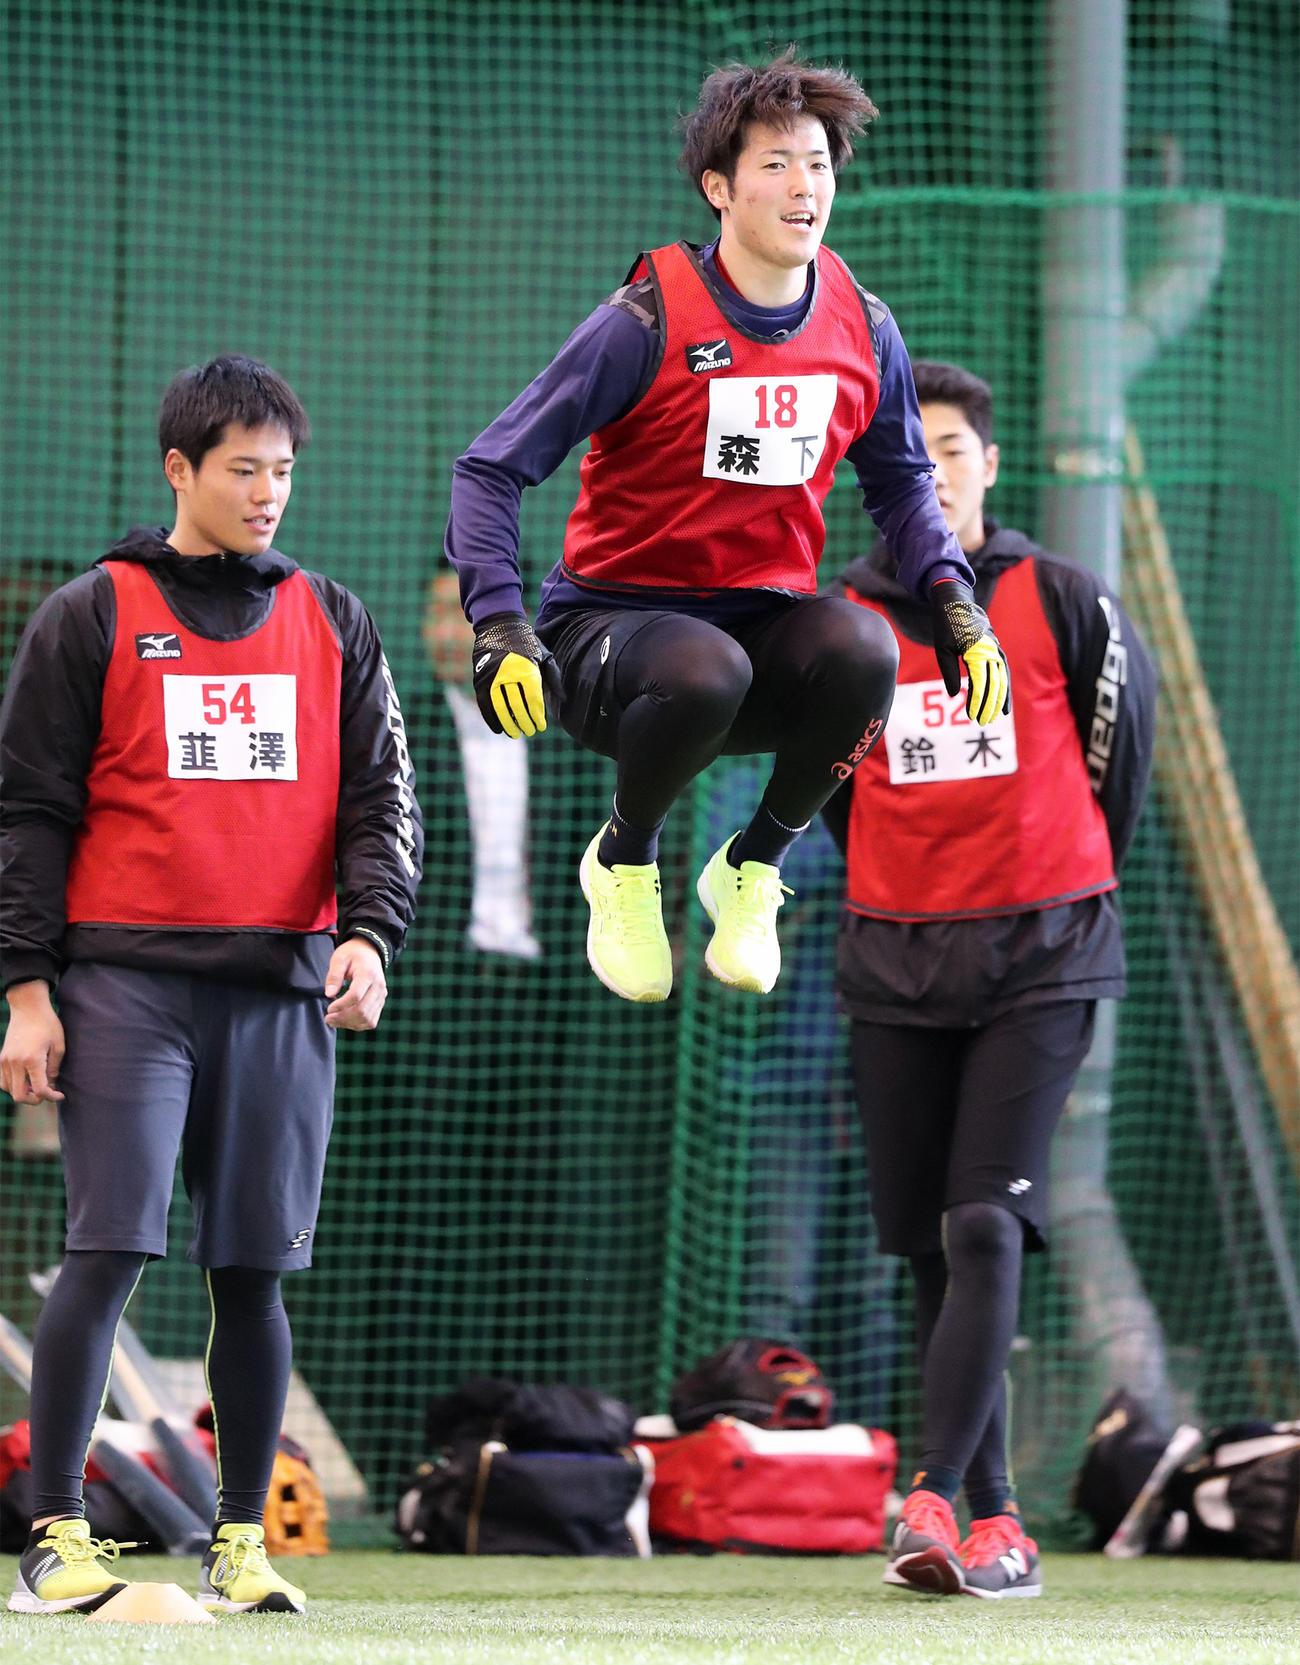 新人自主トレ初日に軽快な動きで高い跳躍力を見せる森下暢仁(2020年1月8日撮影)